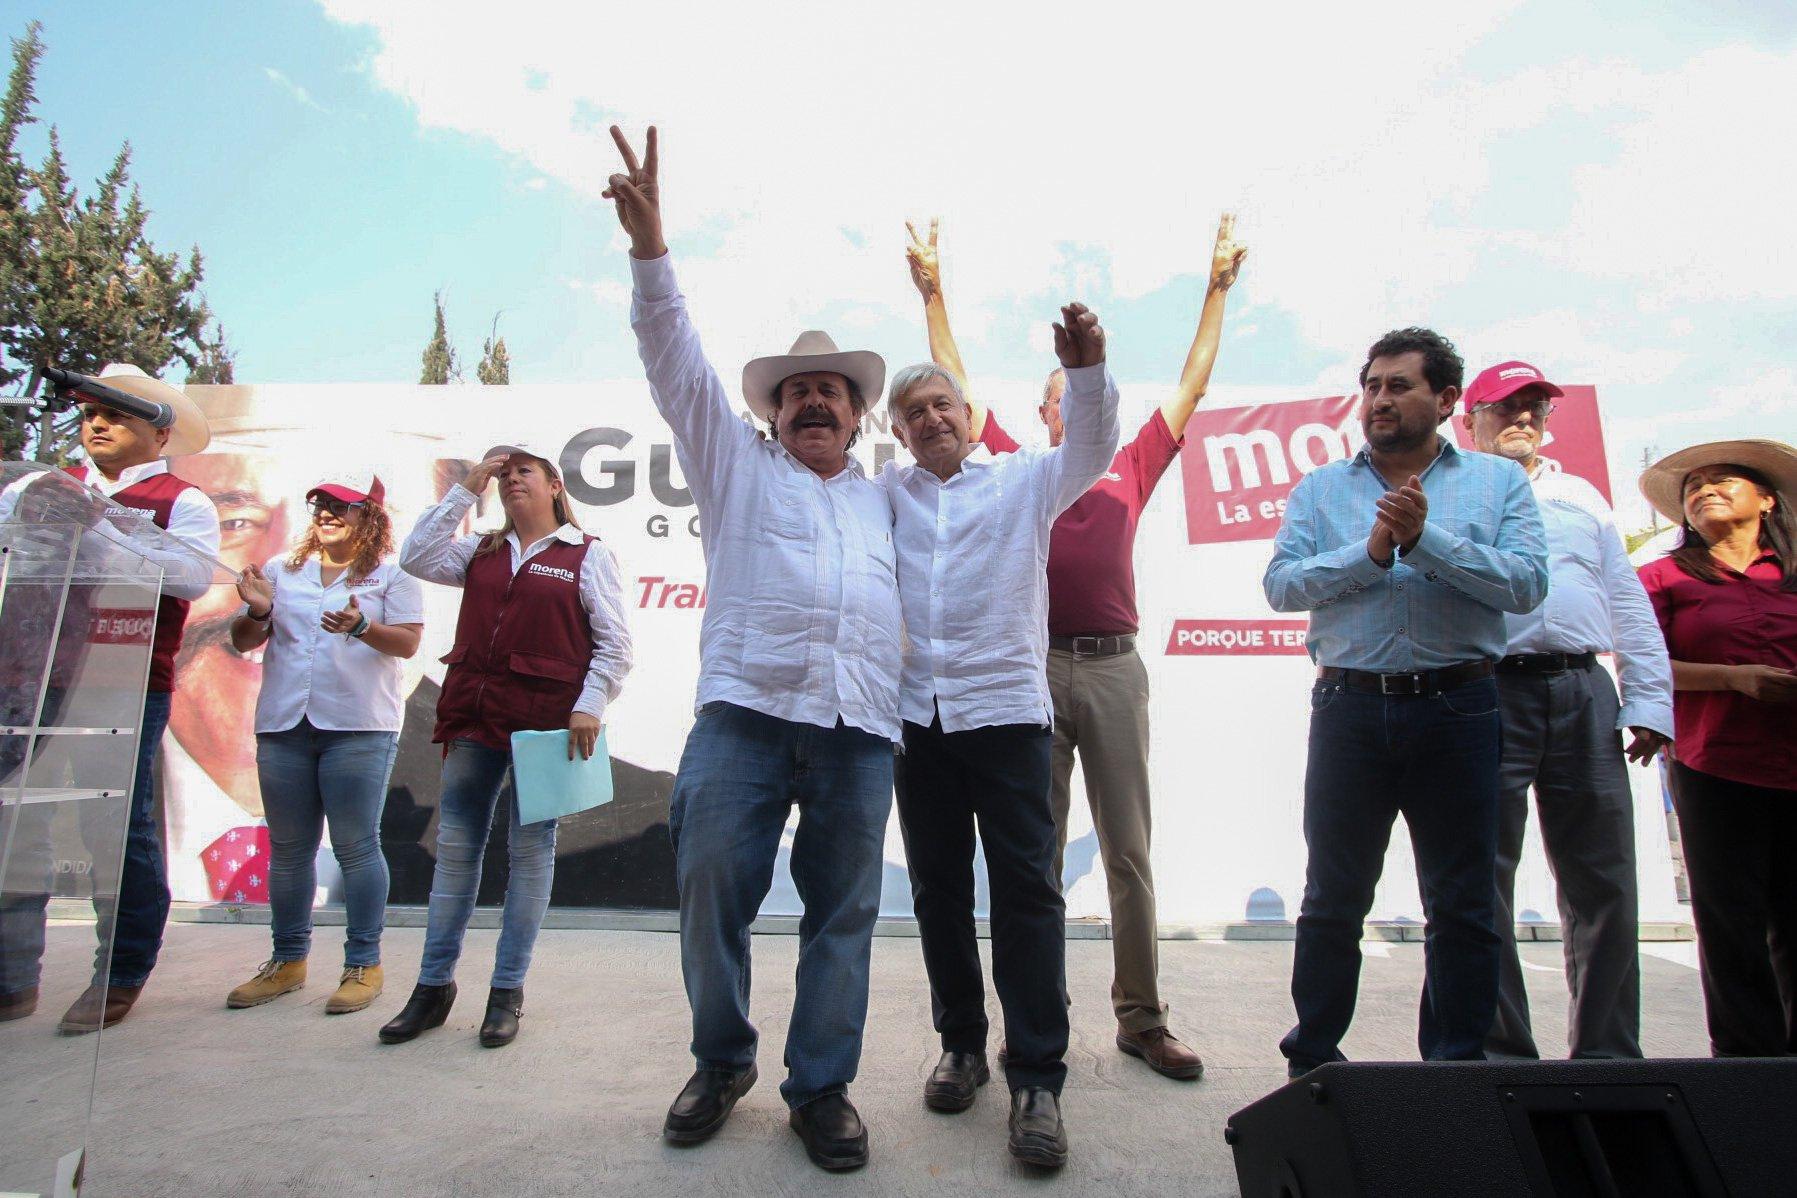 El presidente nacional del partido MORENA Andrés Manuel López Obrador acompañó al candidato a la gubernatura del estado Armando GuadianaTijerina al mitin realizado en el municipio. FOTO: VENUSTIANO MADERO /CUARTOSCURO.COM